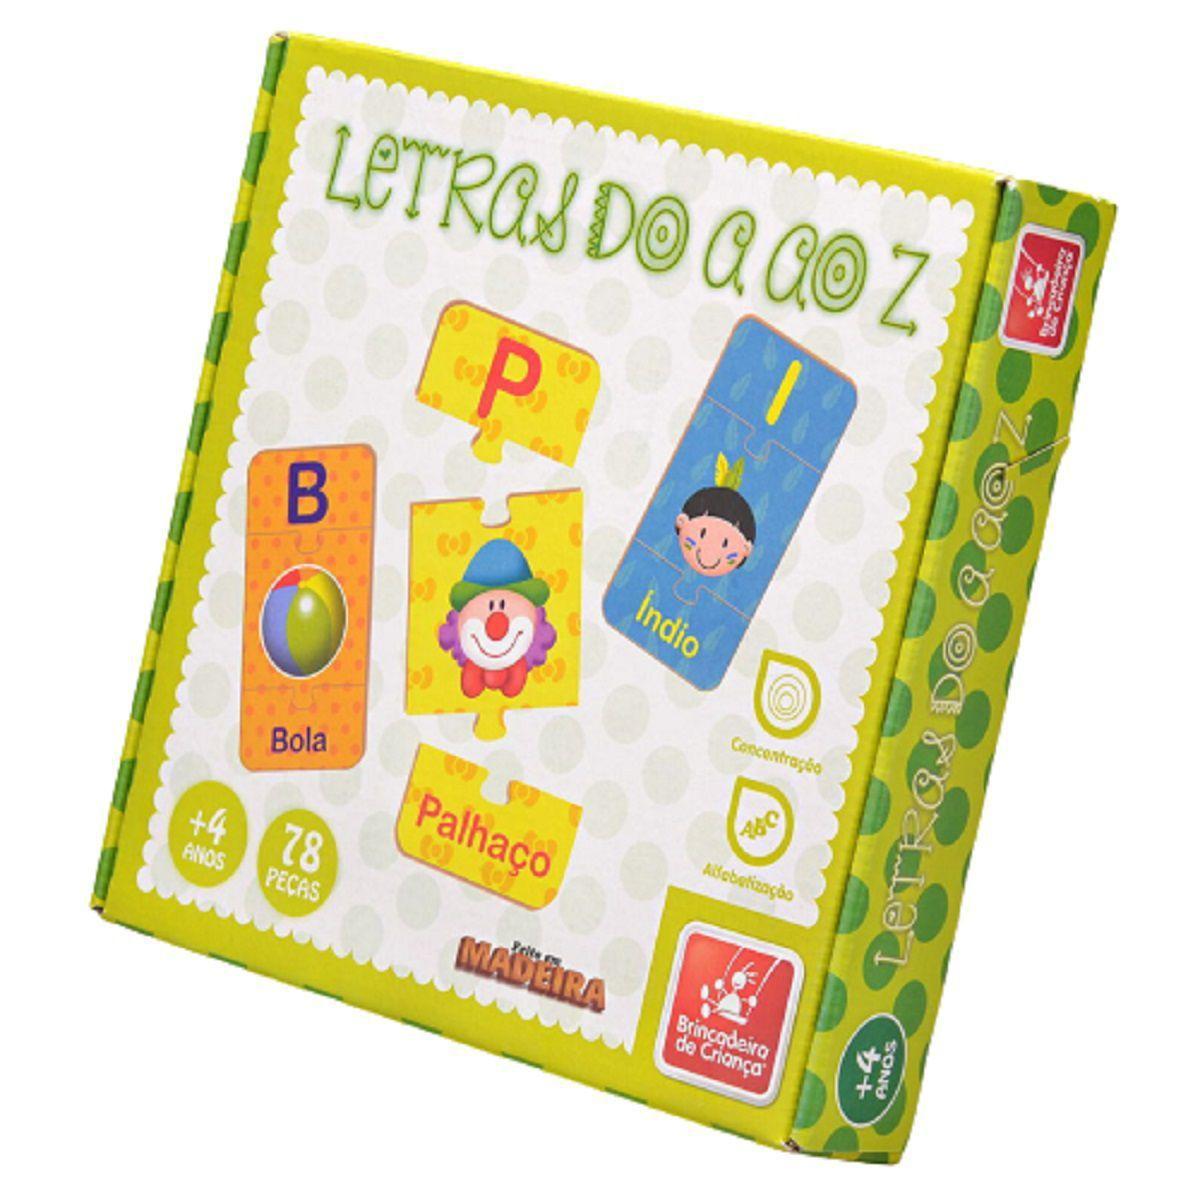 Letras do A ao Z Brinquedo Educativo de Madeira